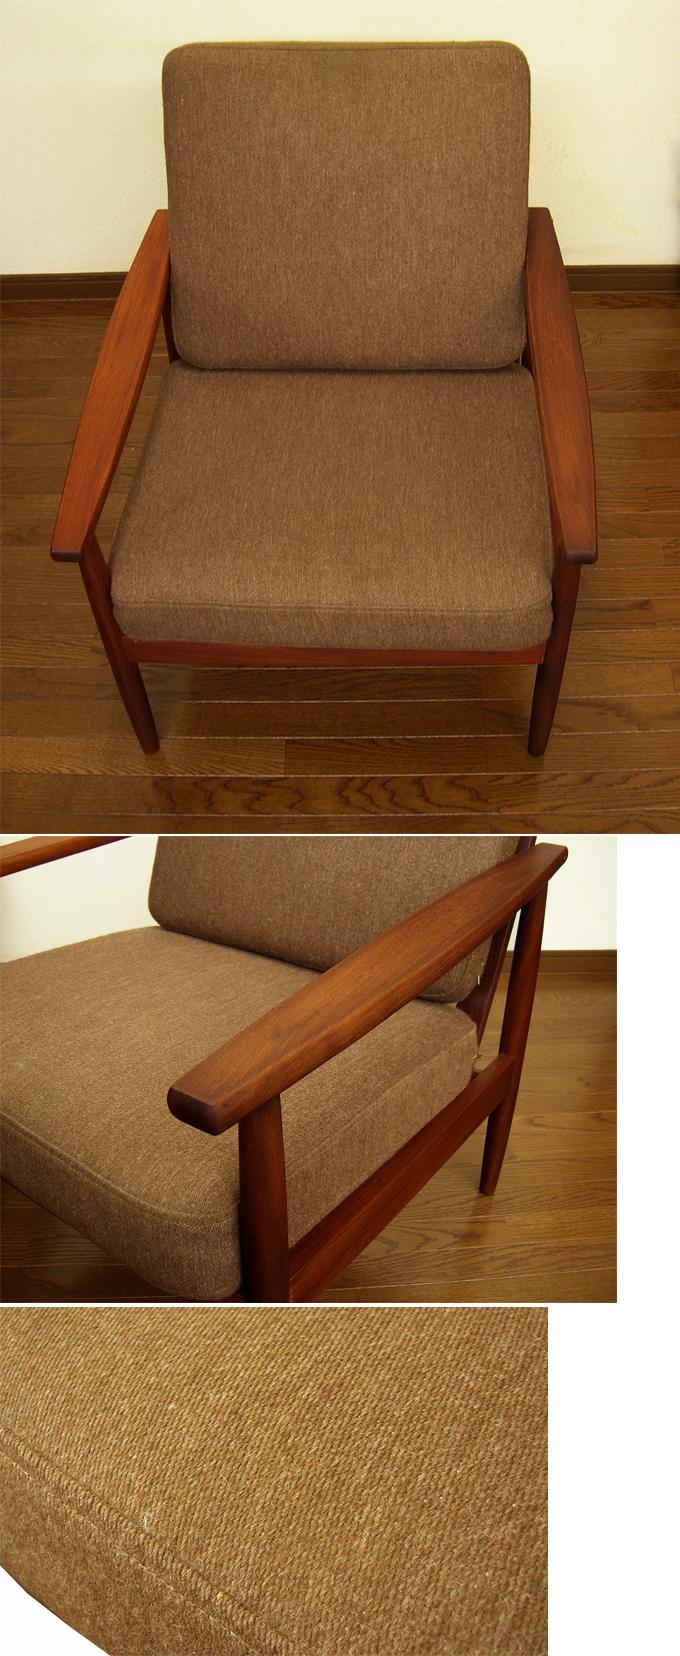 ココアブラウン色イージーチェア座面amber designビンテージ北欧中古家具アンティーク雑貨通販アンバーデザイン